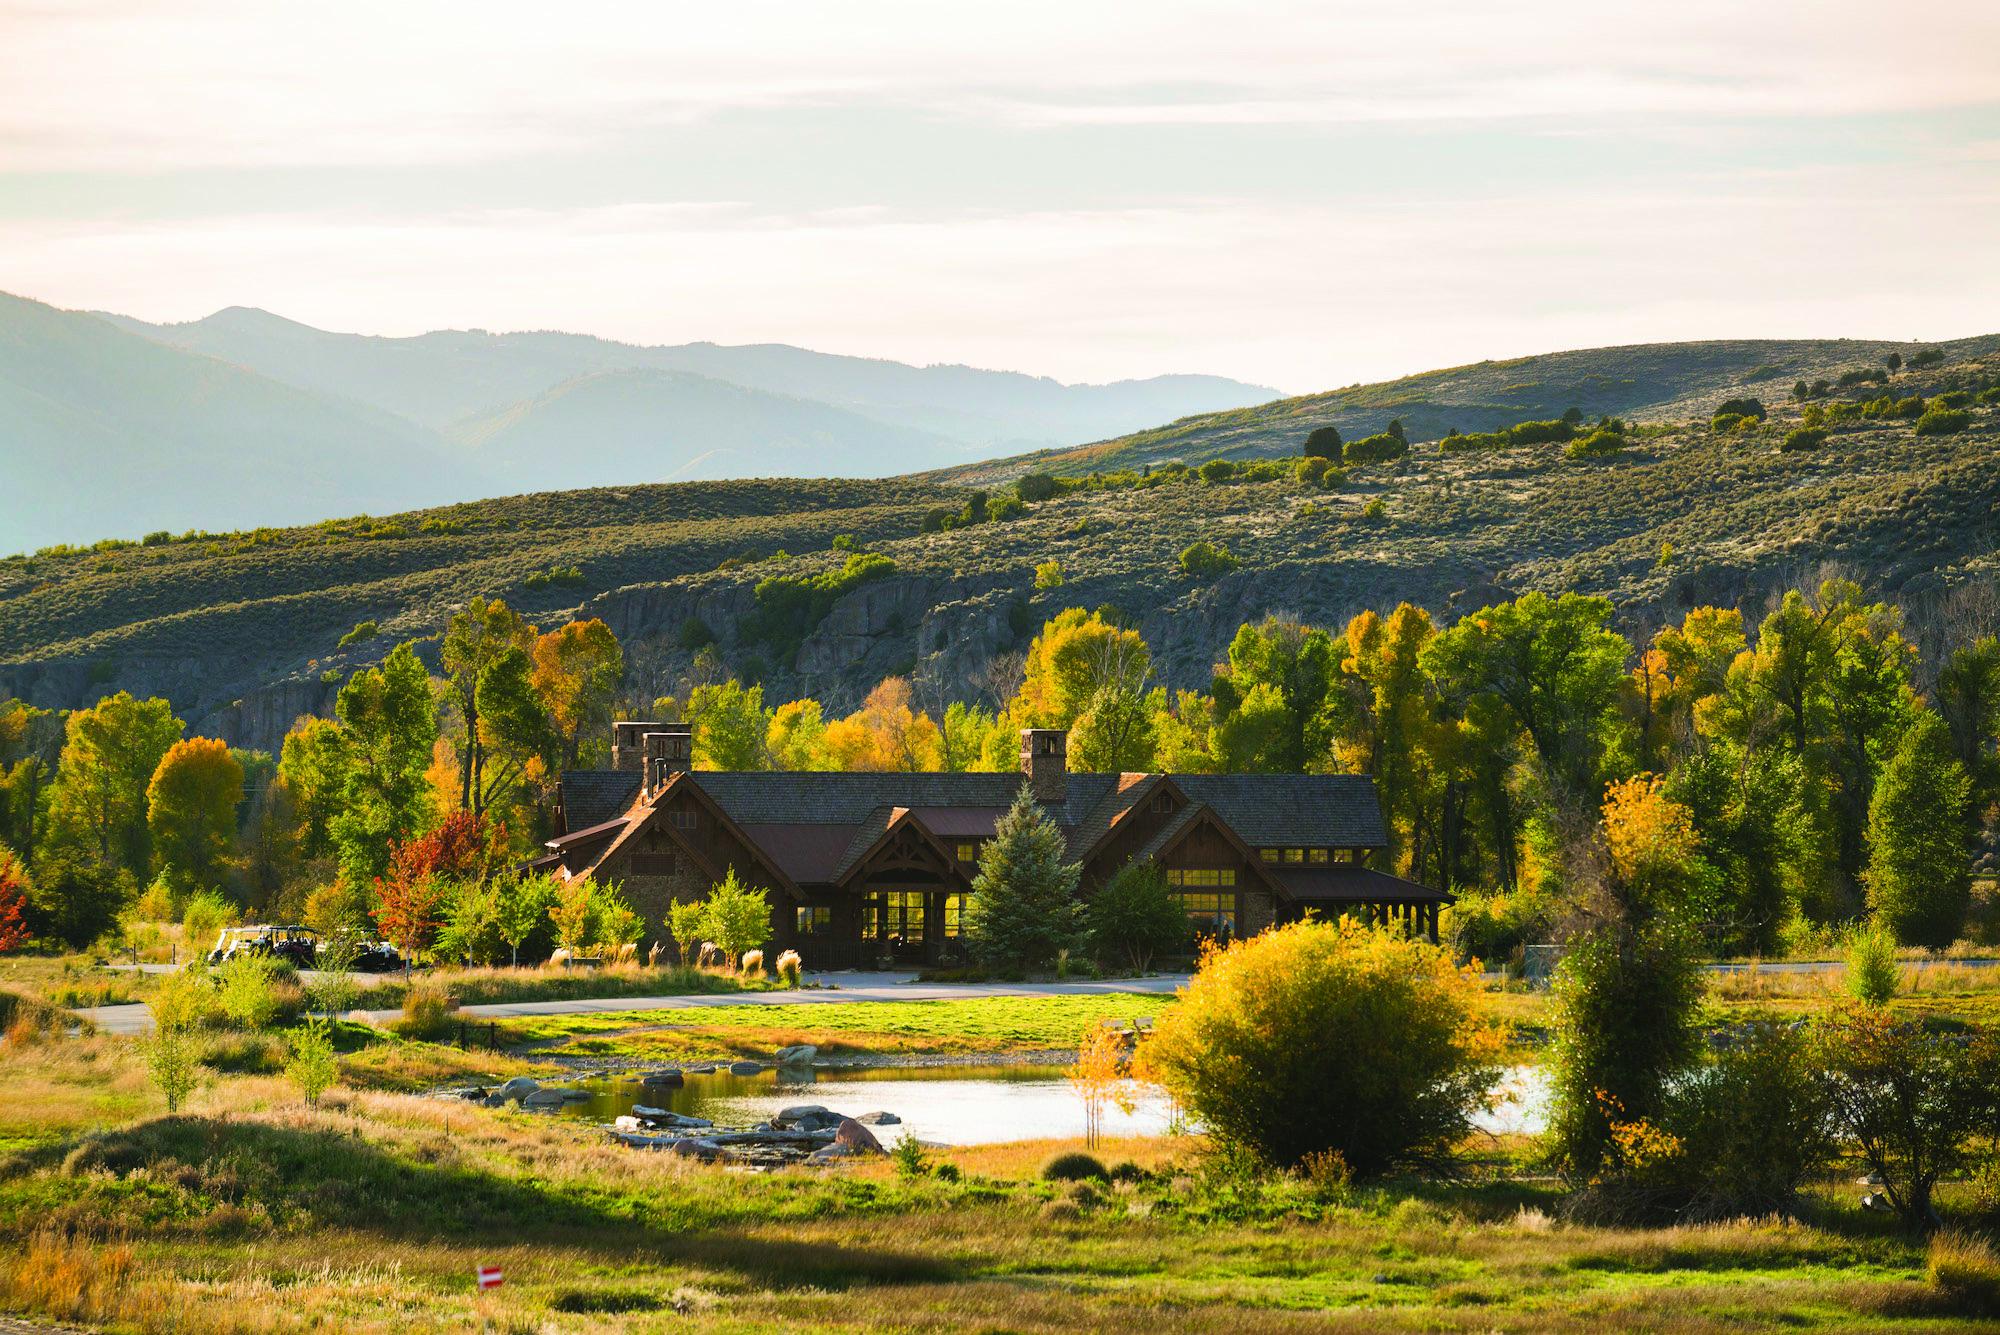 victory ranch - 8020 Victory Ranch RoadKamas, Utah